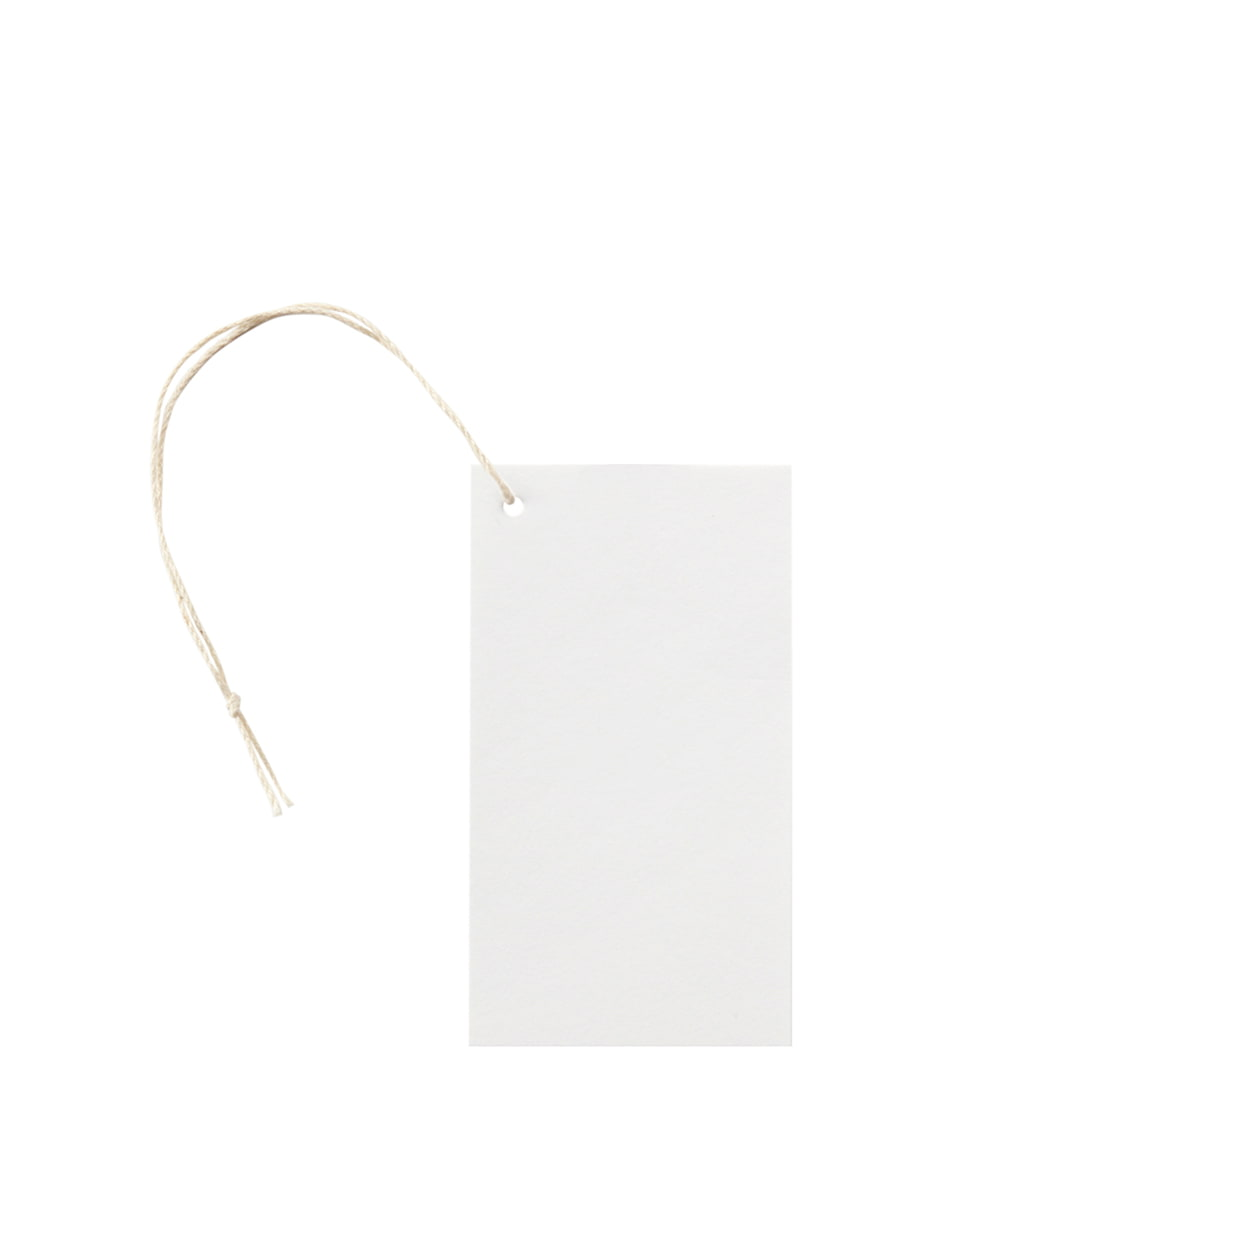 タグ50×90四角形(紐穴サイド) コットンスノーホワイト 232.8g タグ紐(細)コットン生成